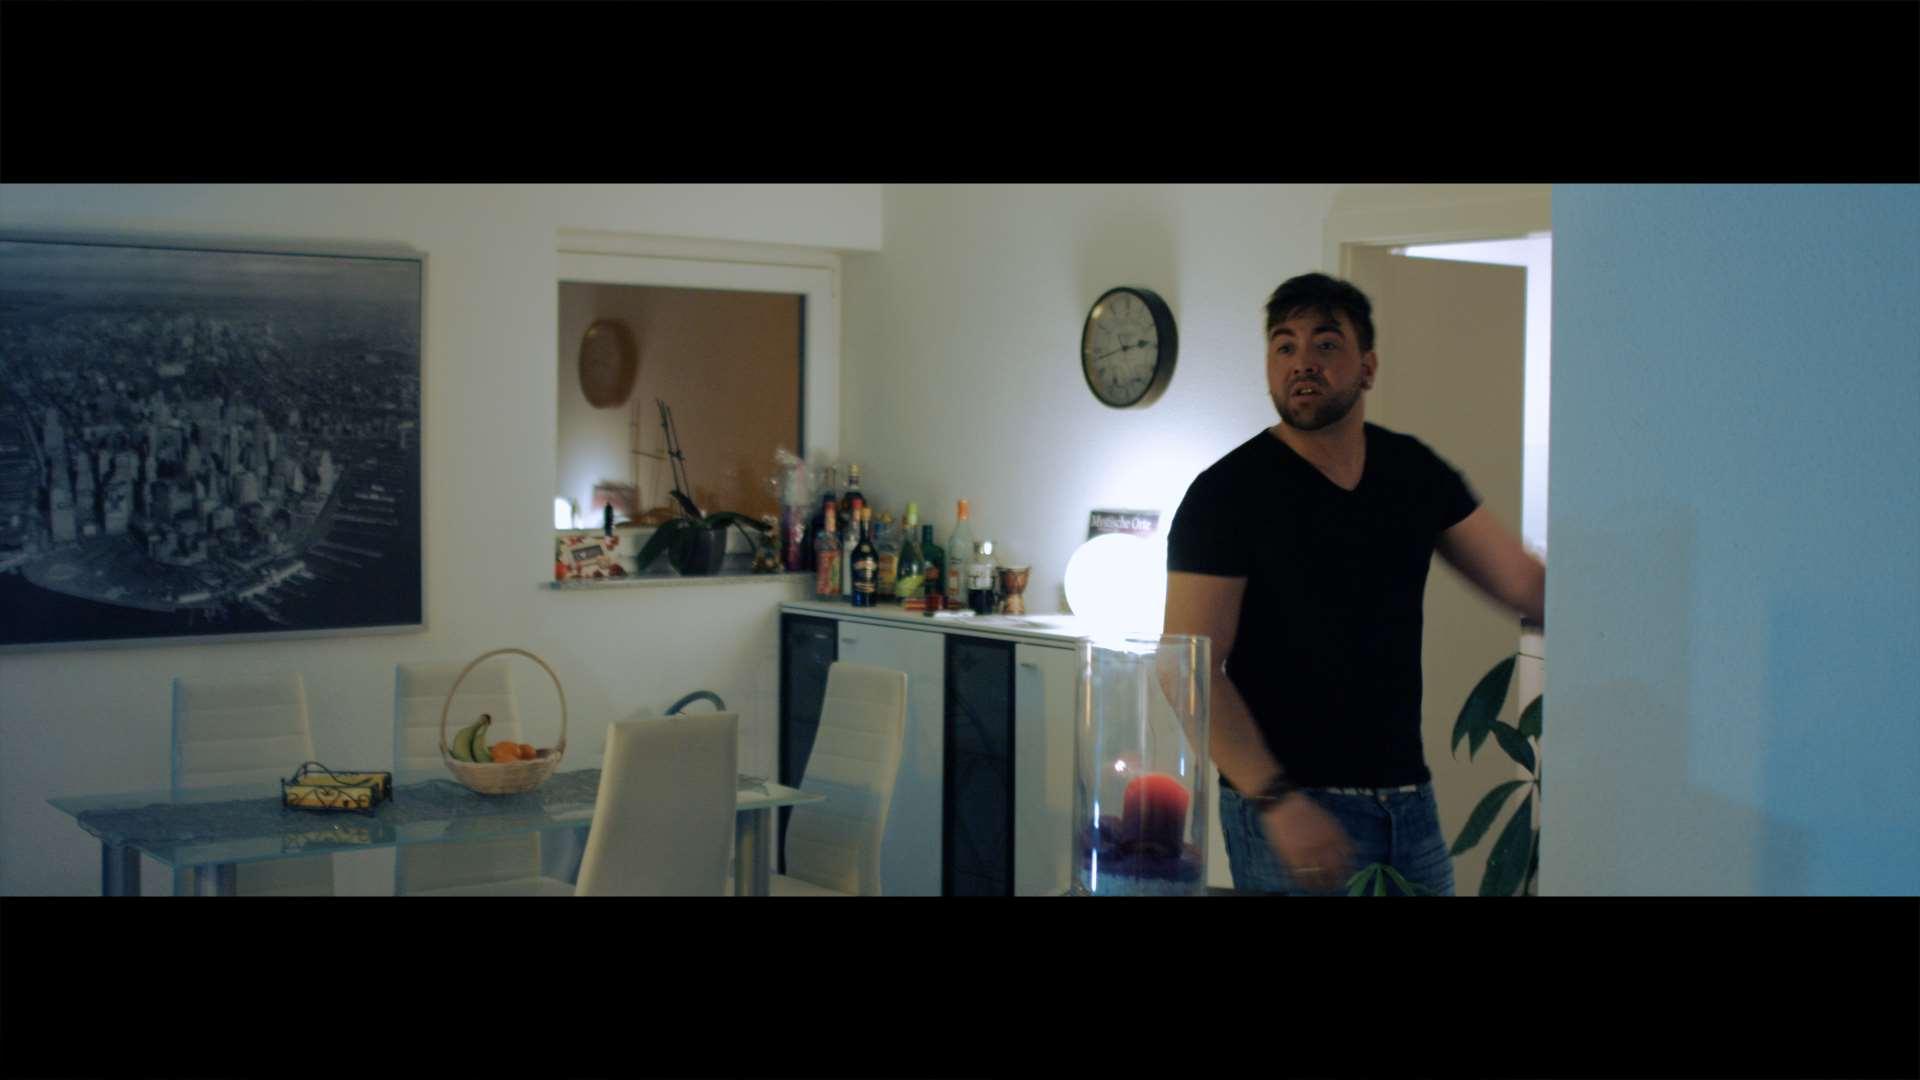 Stranger | Kurzfilm | Stil